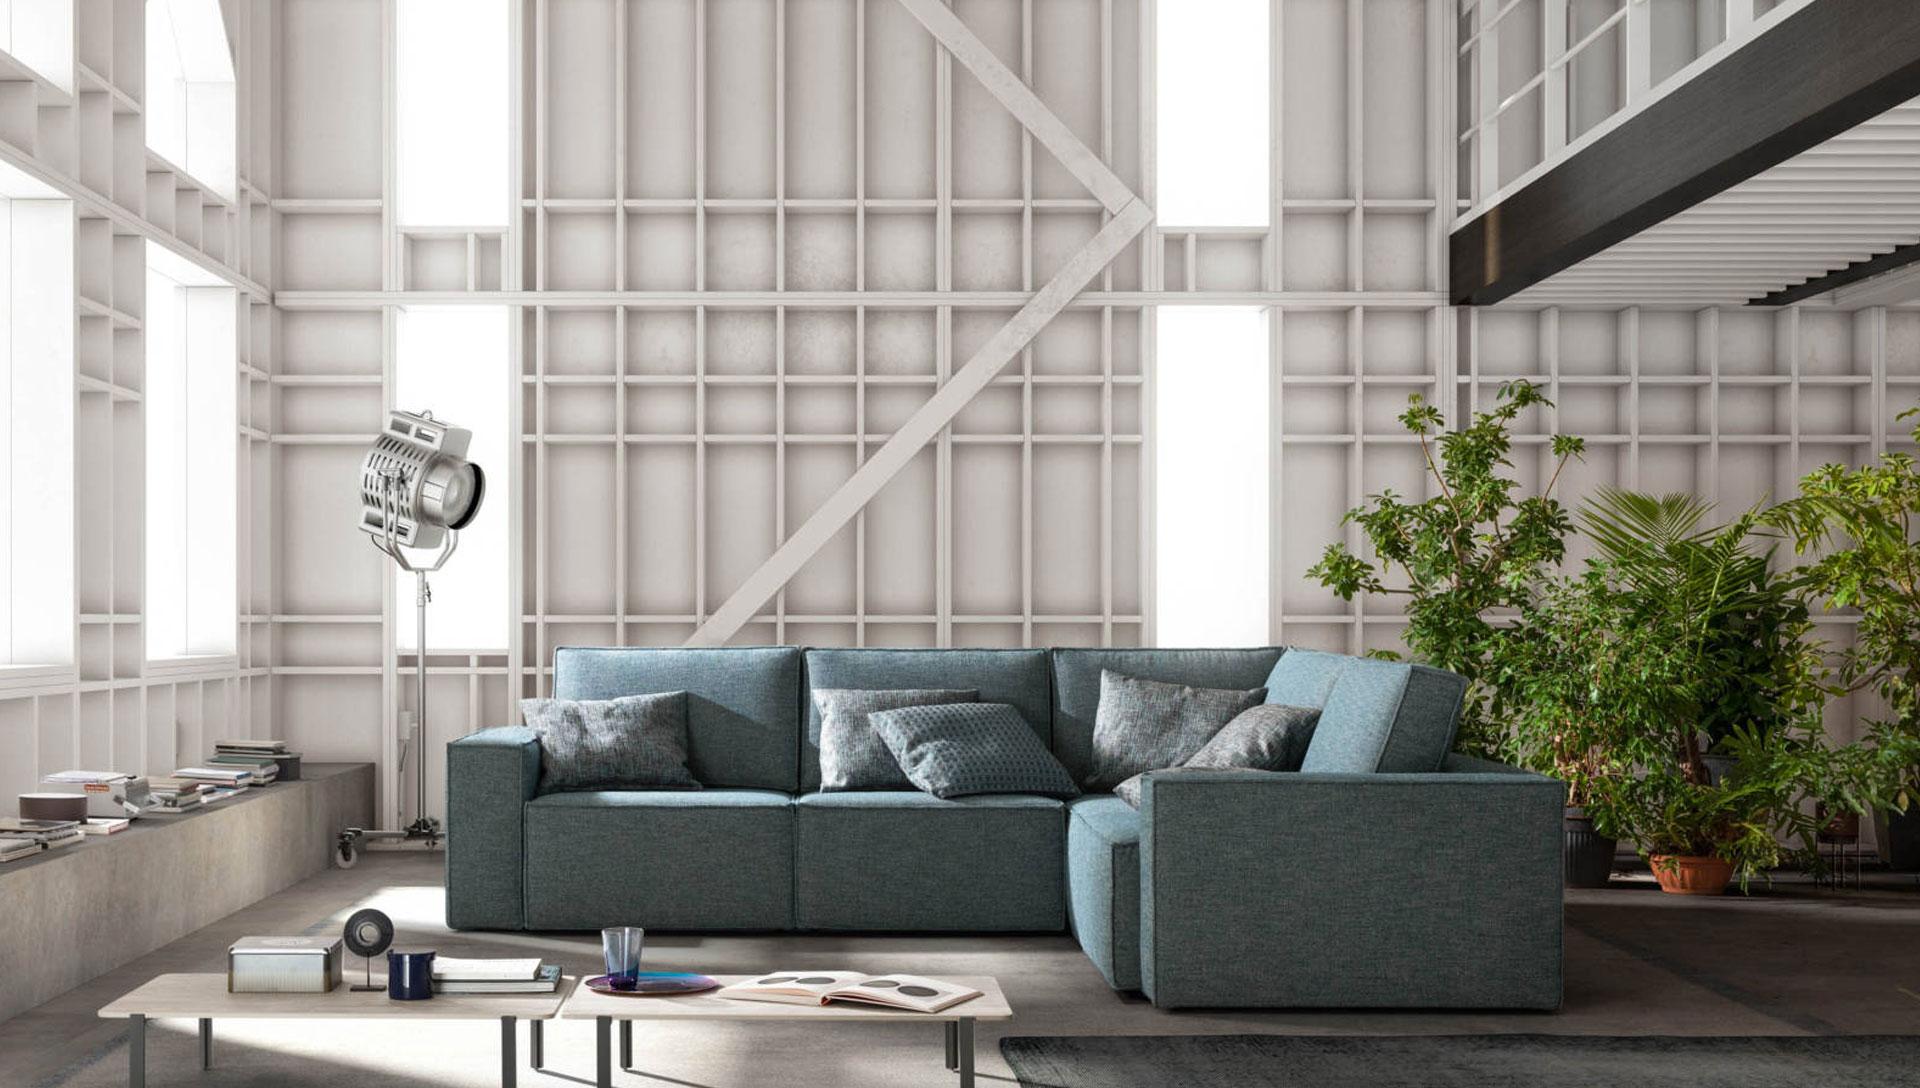 divani-samoa-comodus-arredamenti-nicoletti-interni-interior-design-divani-complementi-arredo-mobili-design-accessori-matera